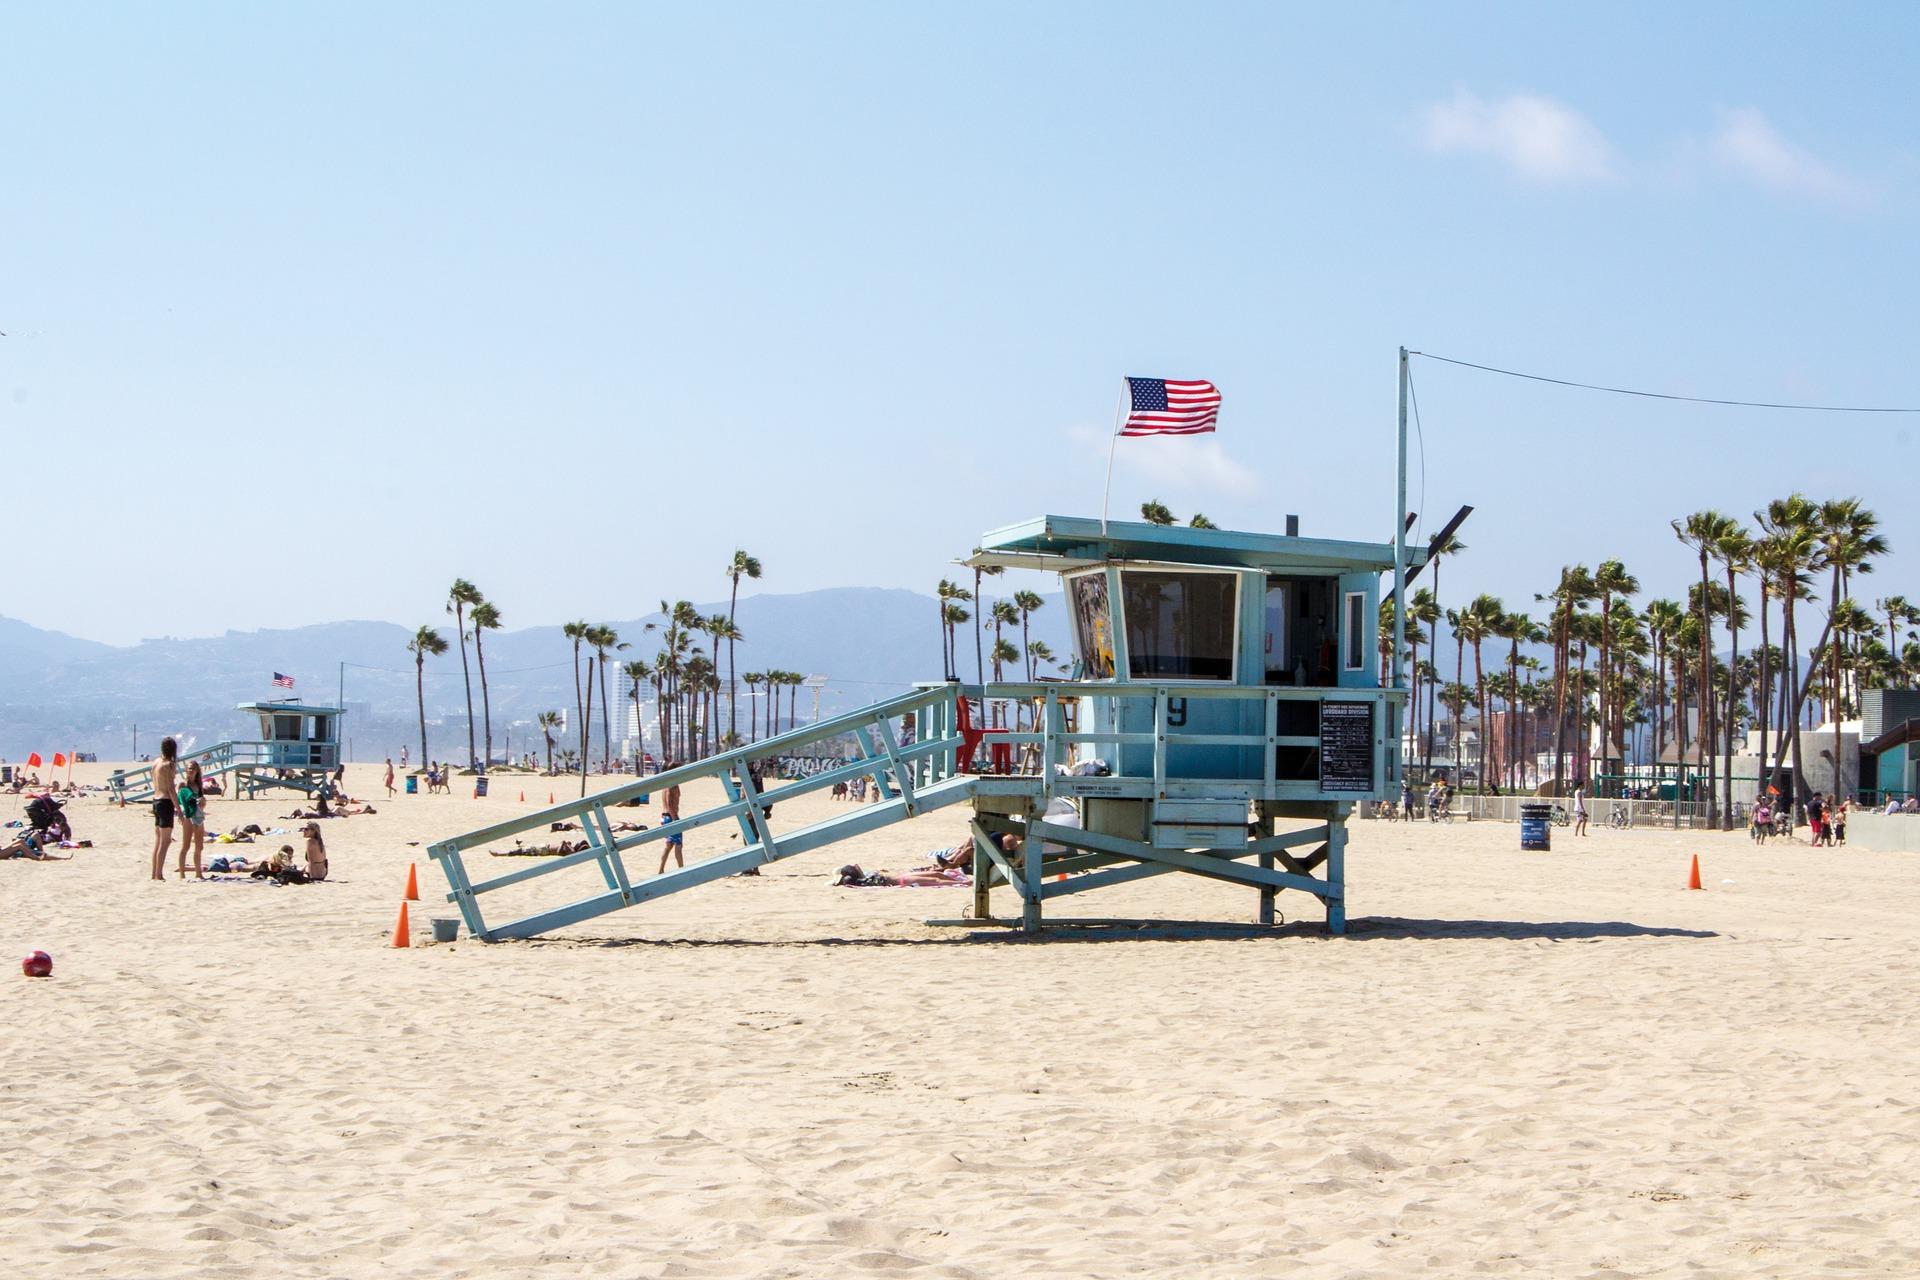 ロサンゼルス不動産投資セミナー